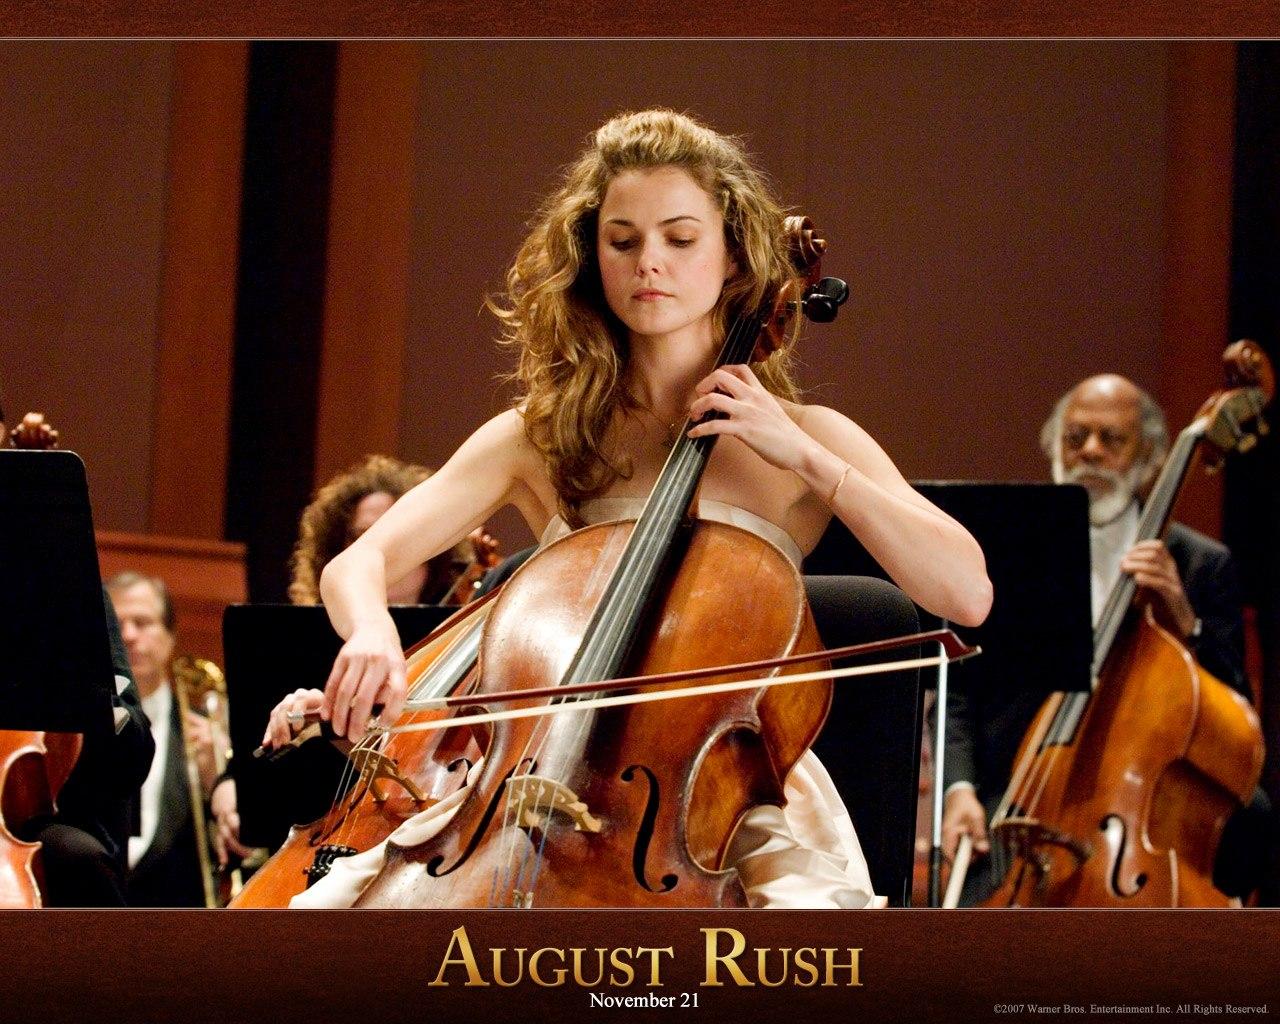 http://3.bp.blogspot.com/-WgkvObE4JdM/TlpTrsrru9I/AAAAAAAADB0/ky4mqXDRDRw/s1600/August-Rush-Keri-Russell-1296.jpg